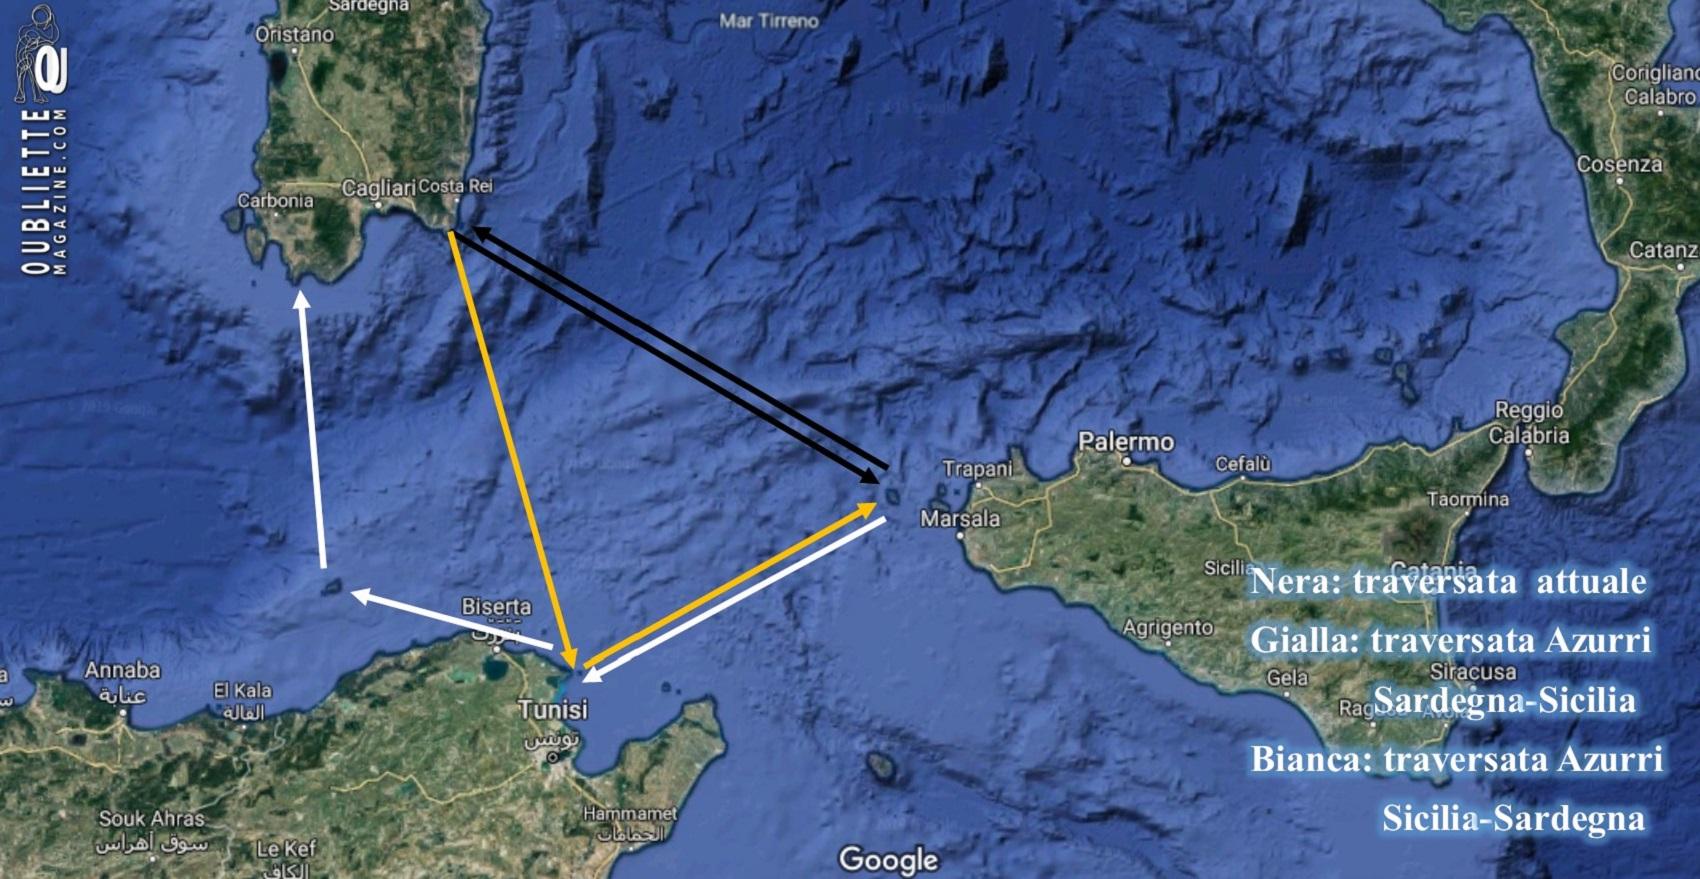 """""""Carta di Navigare"""" di Gerolamo Azurri #10: la traversata dalla Sardegna alla Sicilia nel portolano della metà del 1500"""